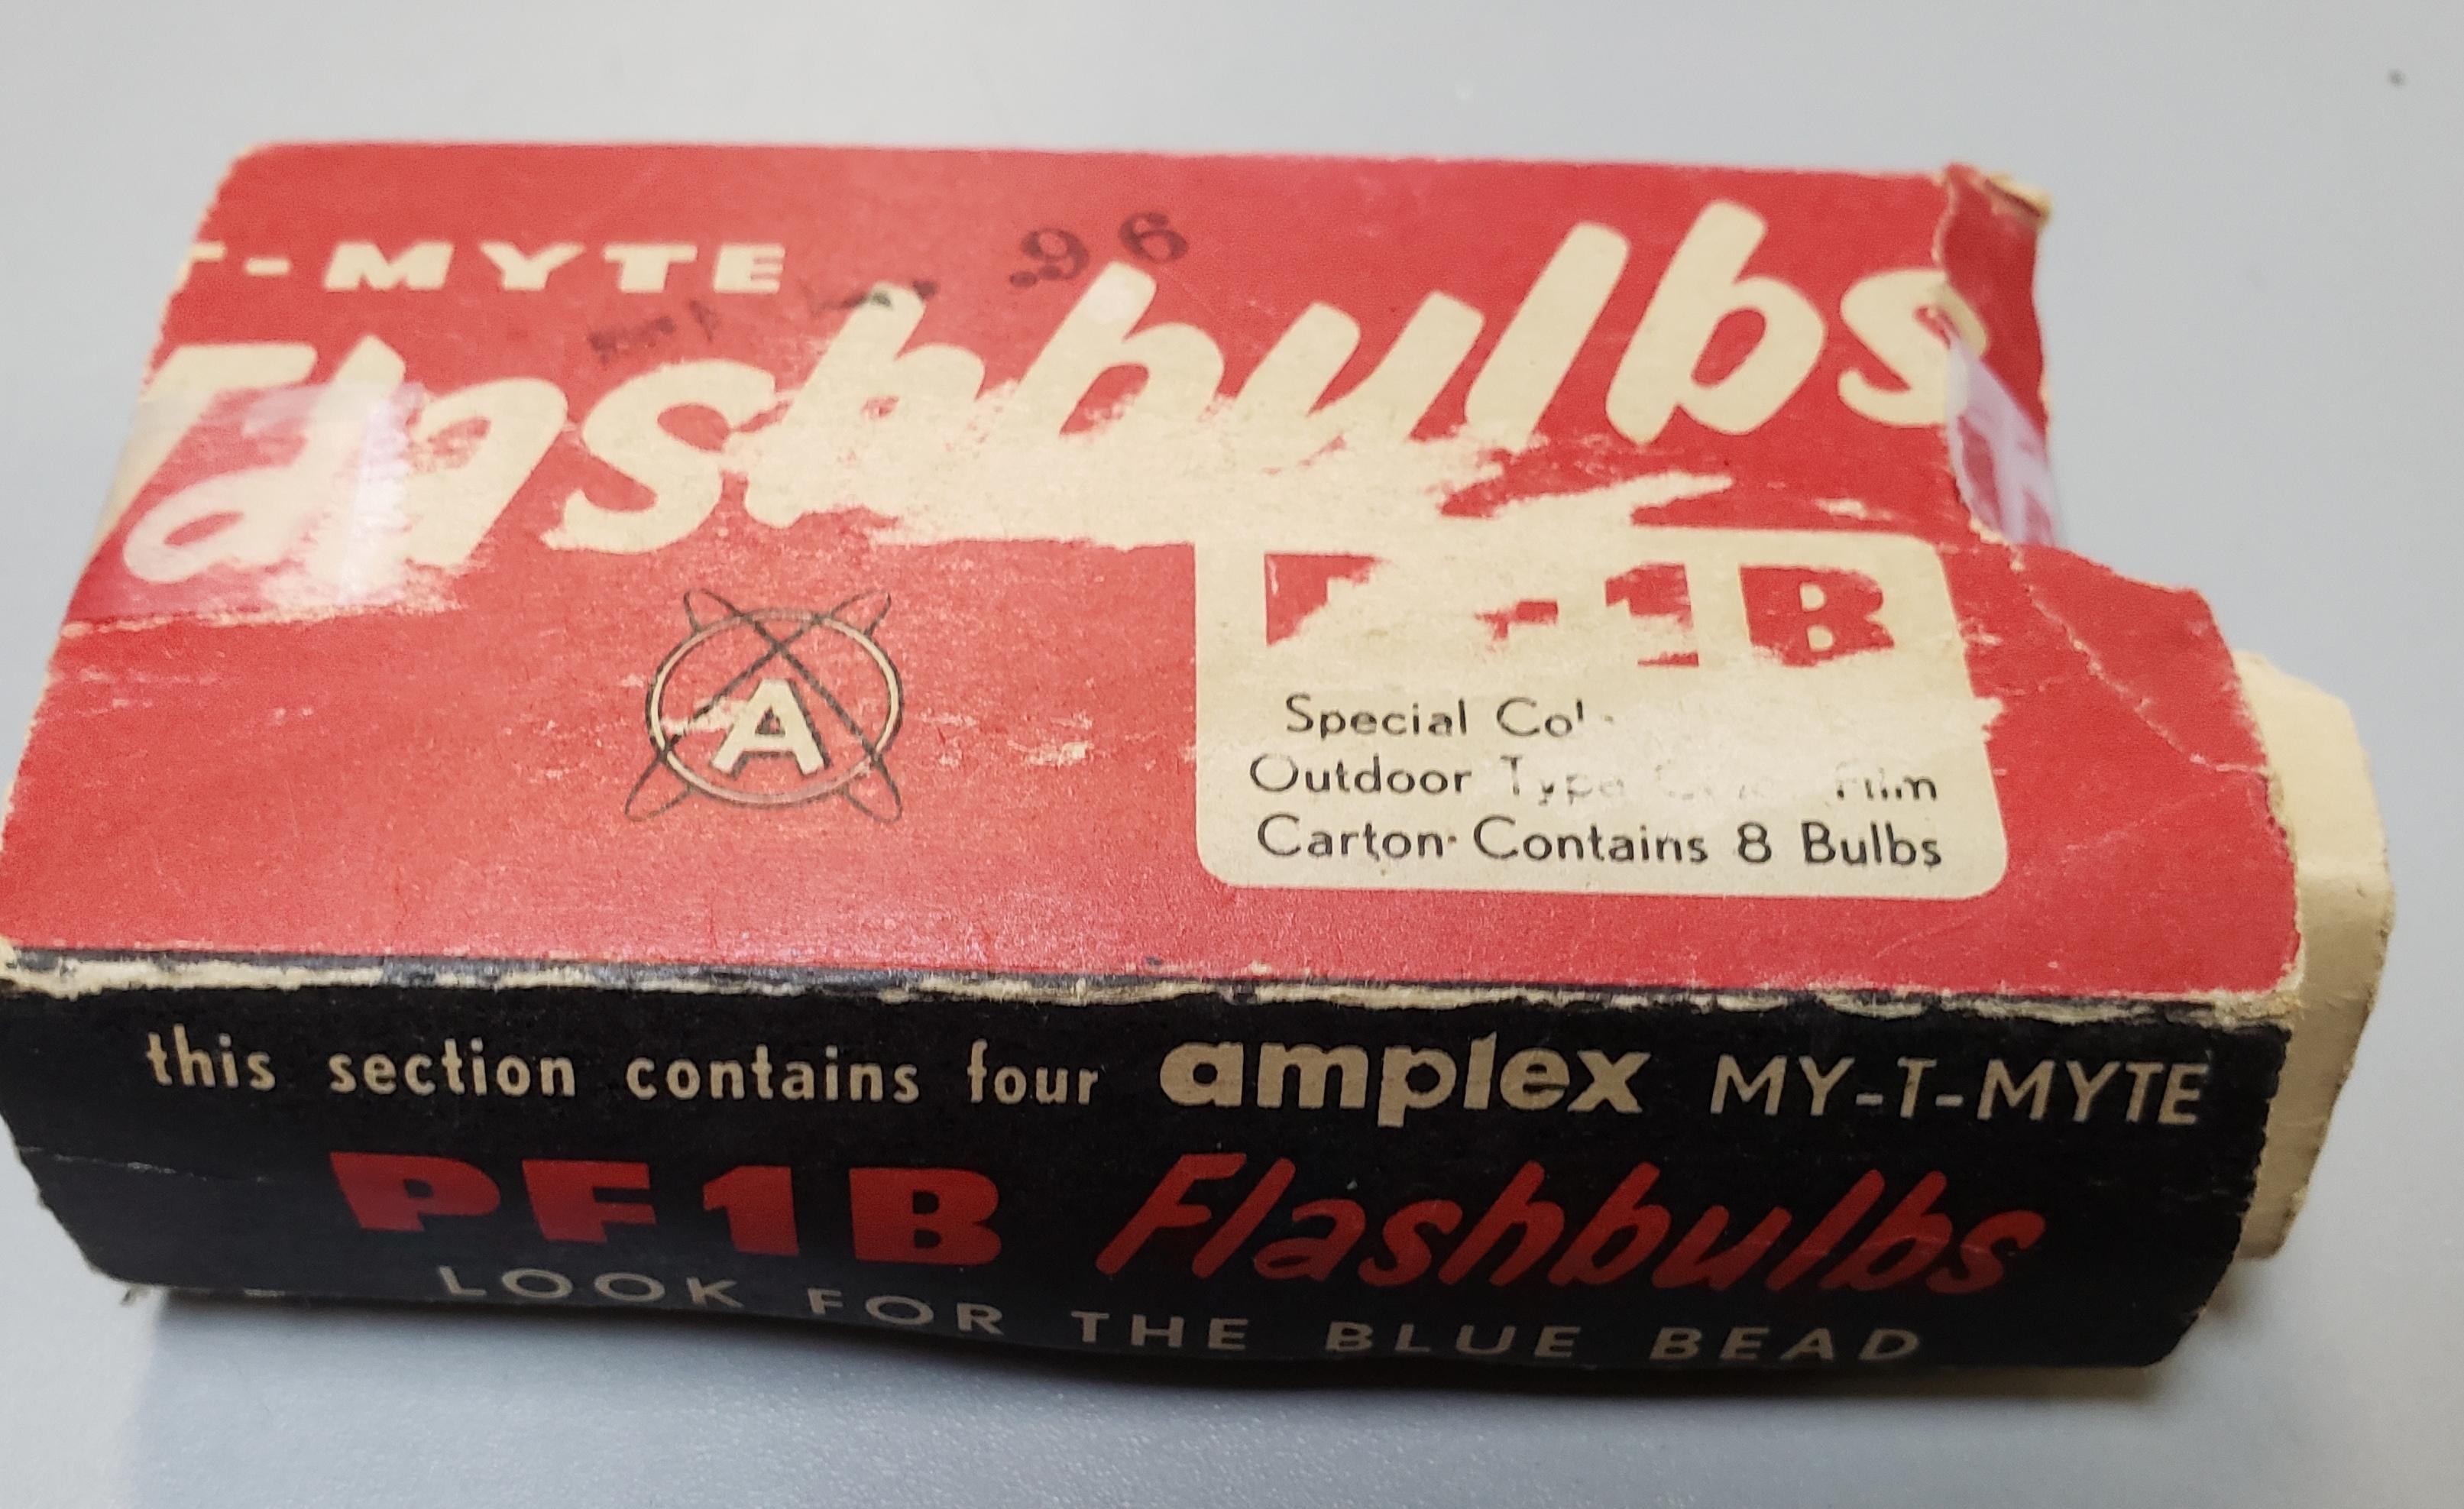 3 AMPEX FLASH BULBS IN ORIGINAL VINTAGE BOX